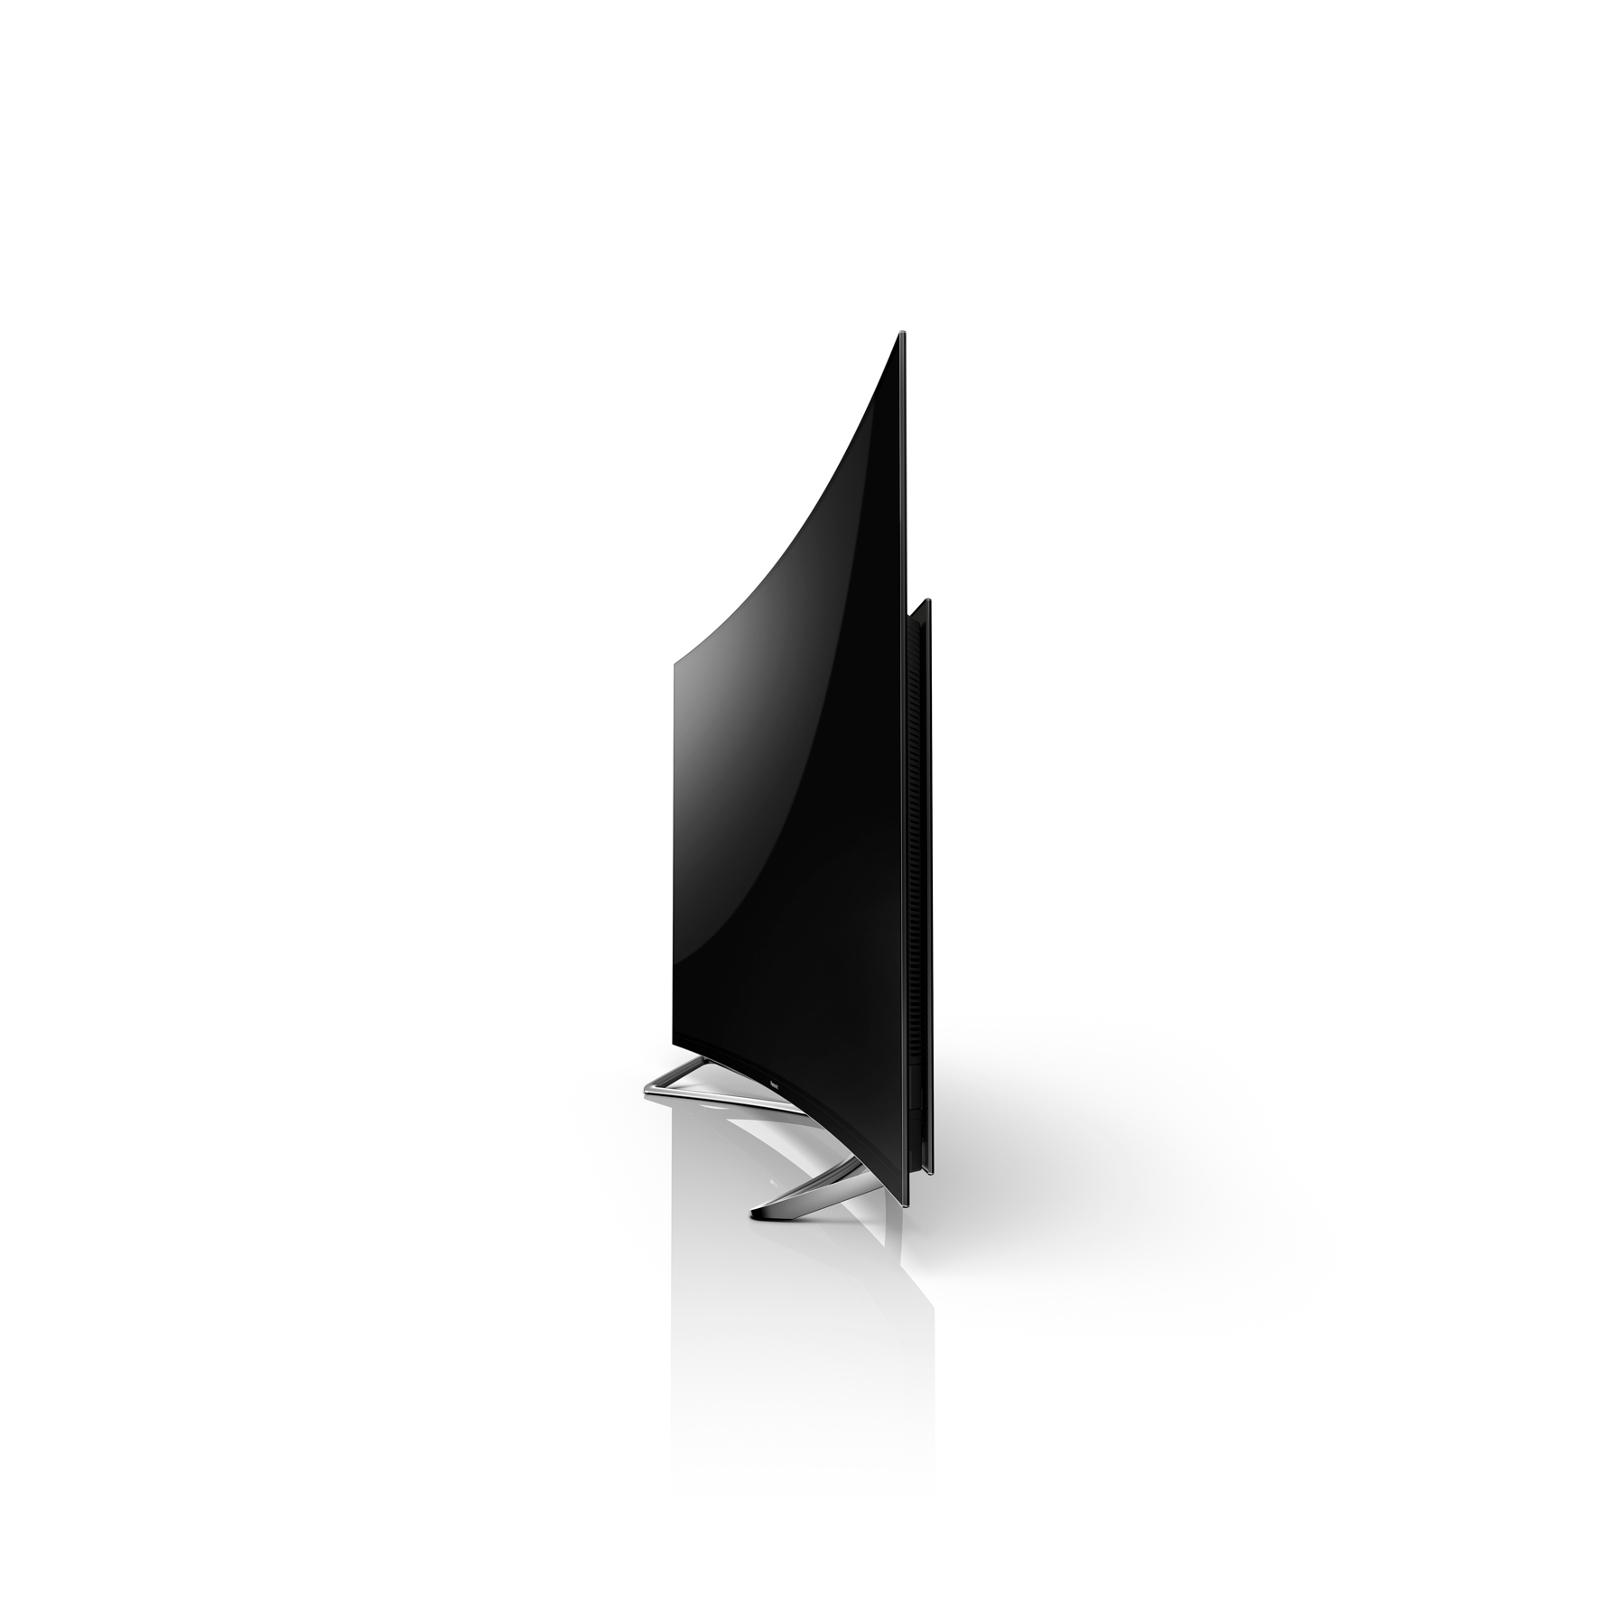 lc oder oled display techniken bei fernsehern im vergleich. Black Bedroom Furniture Sets. Home Design Ideas